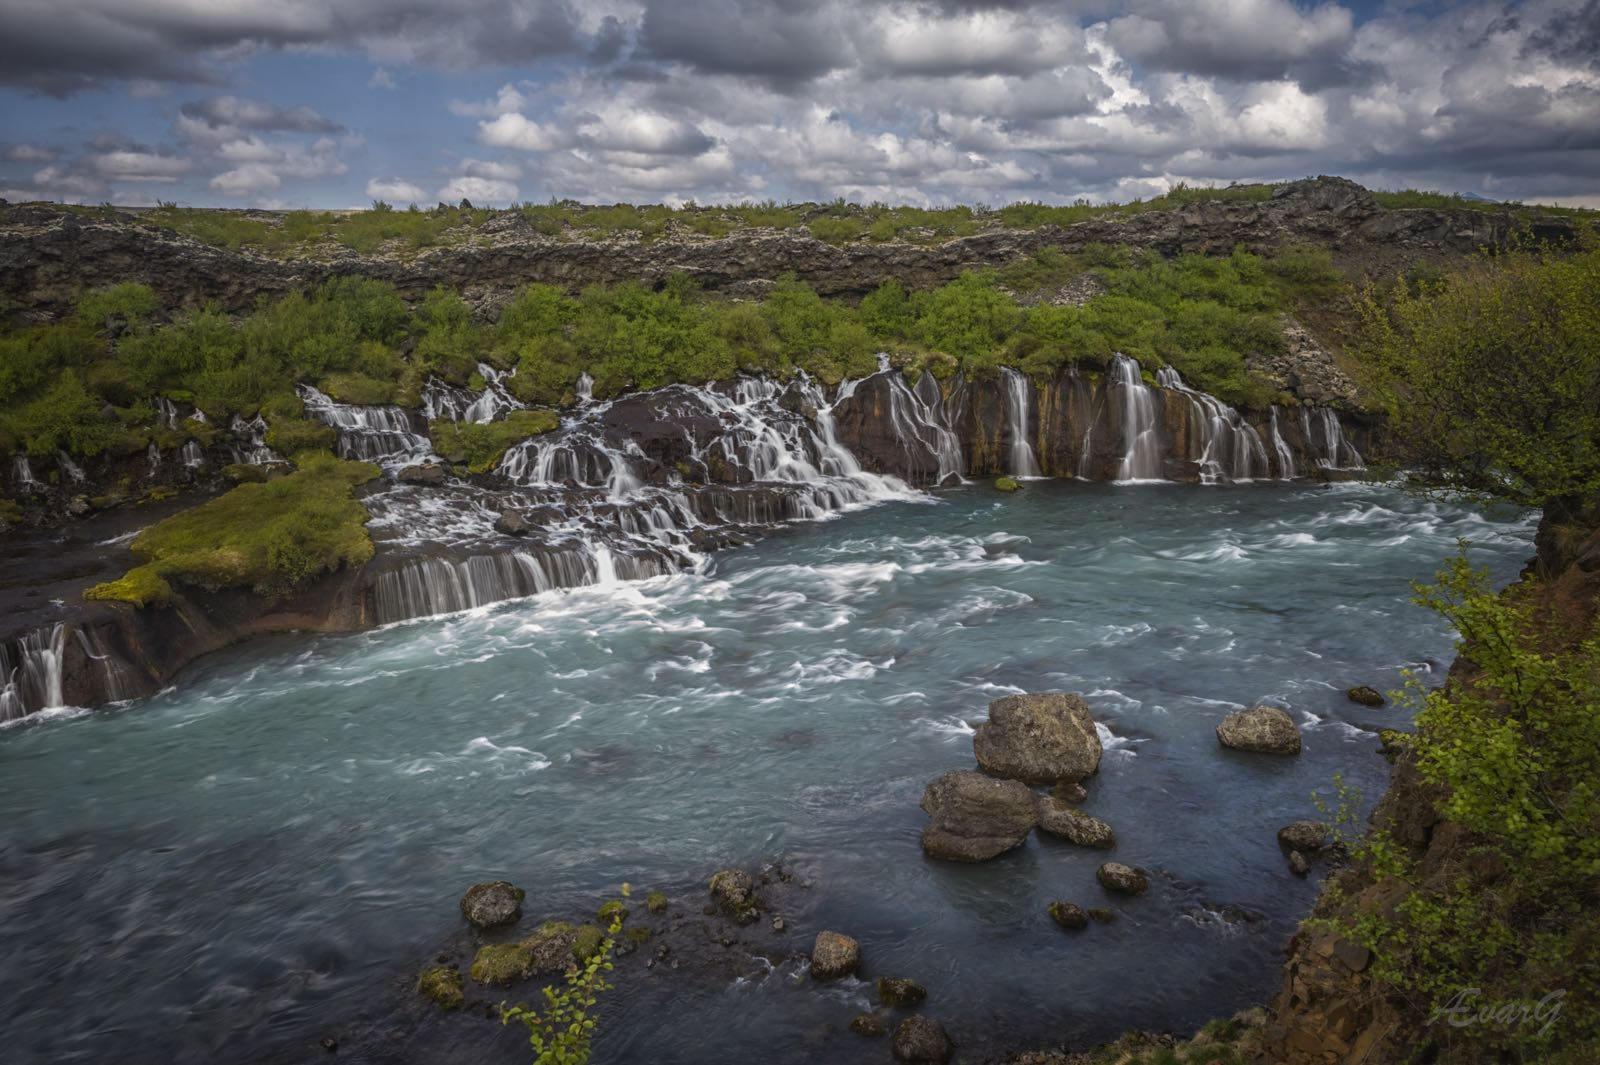 熔岩瀑布位于冰岛西部。